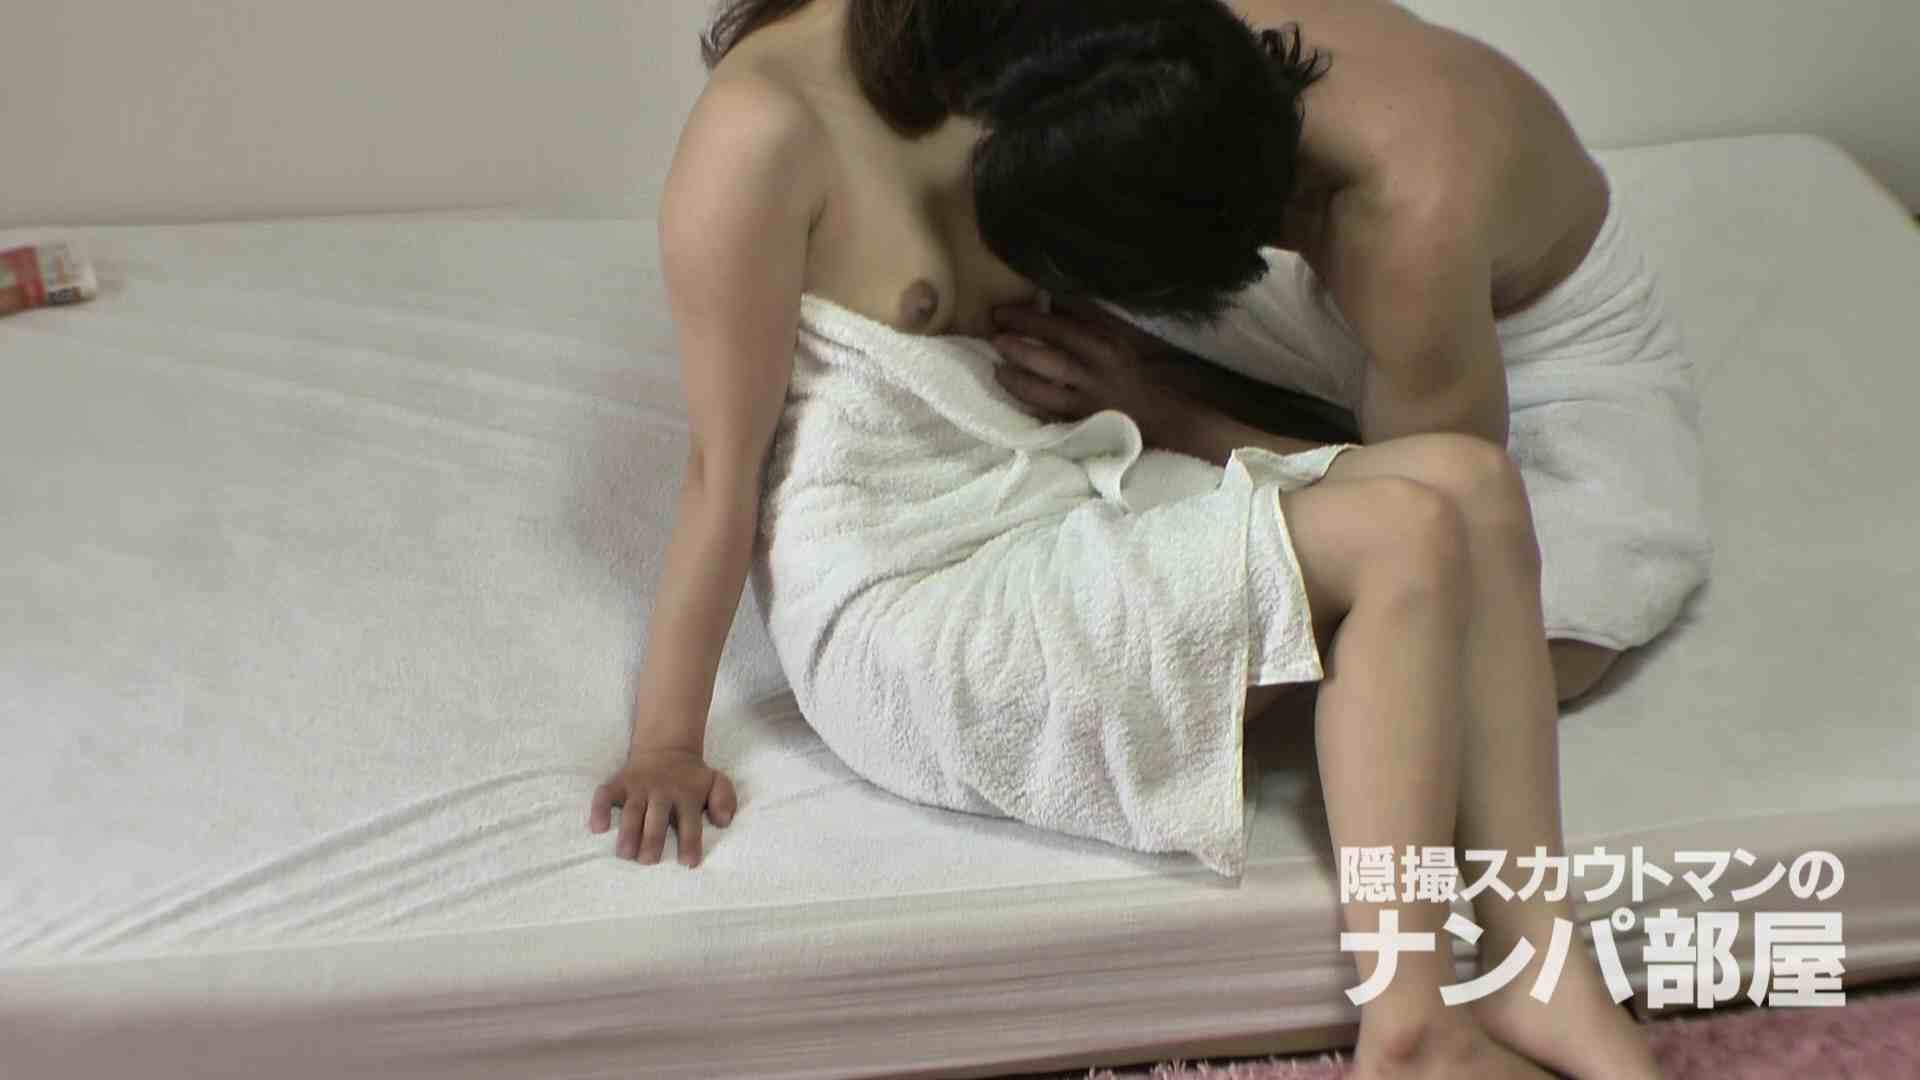 隠撮スカウトマンのナンパ部屋~風俗デビュー前のつまみ食い~ sii 脱衣所 | ナンパ  100連発 67